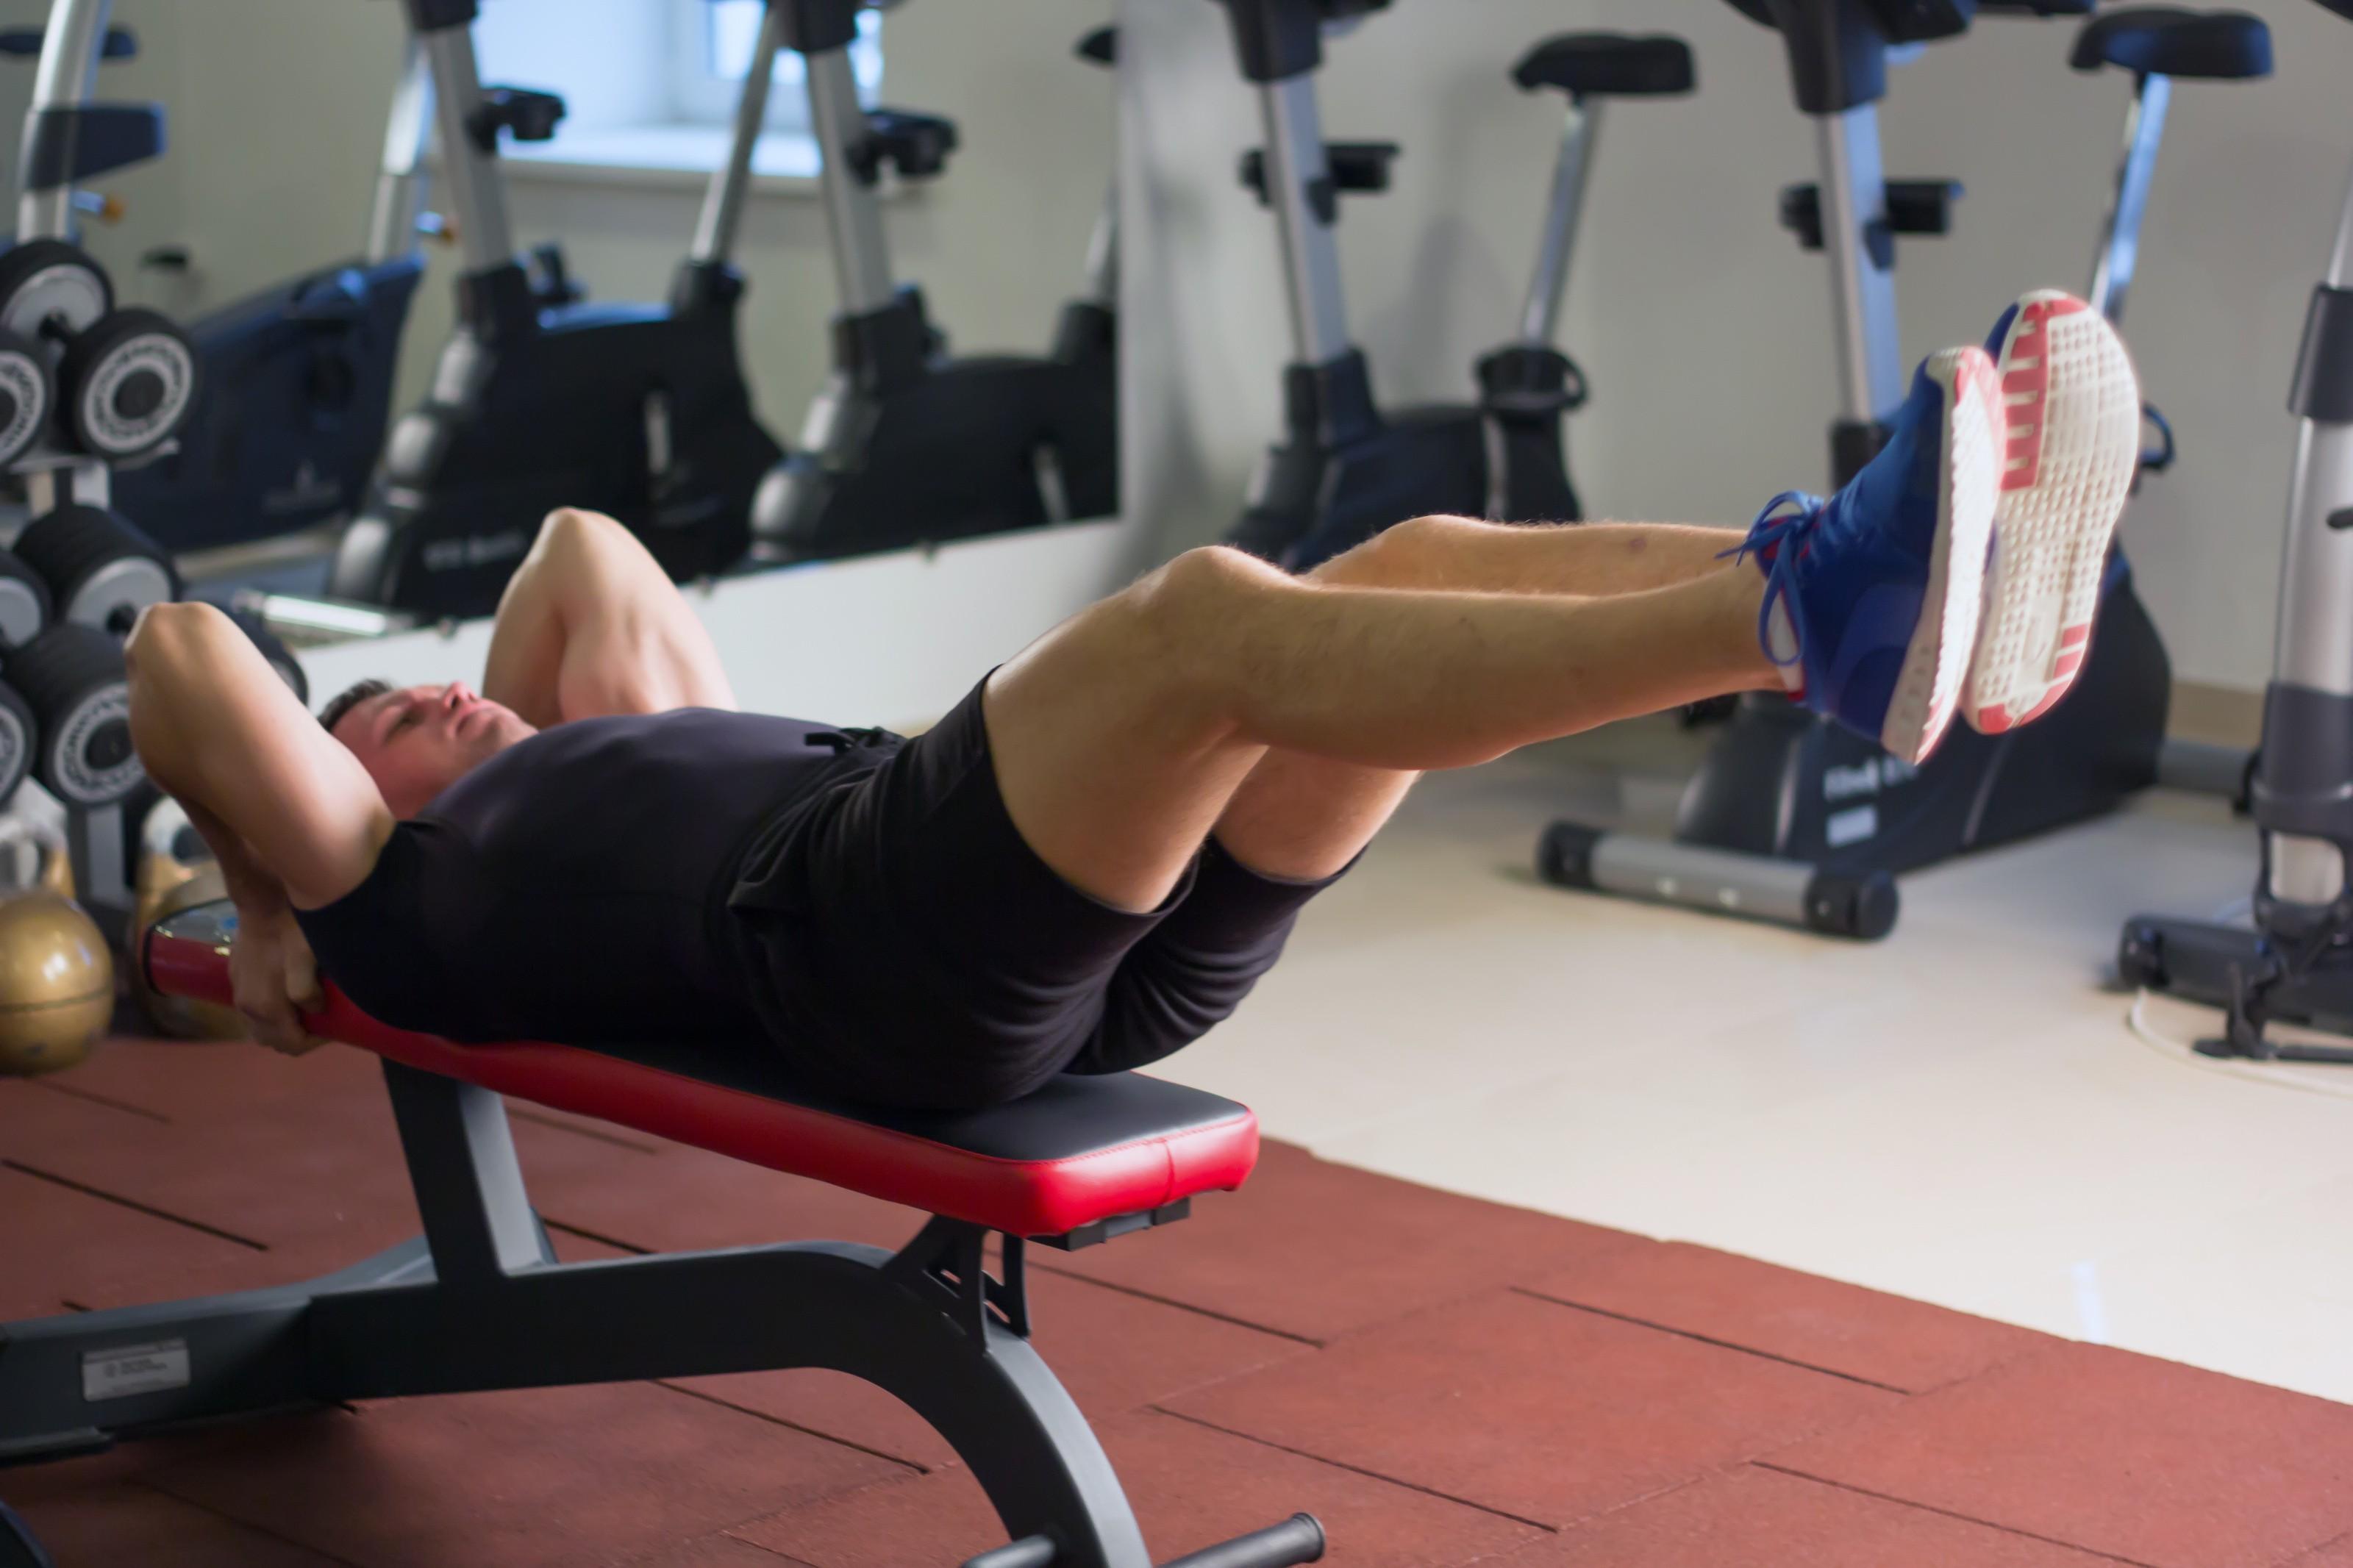 Quels équipements sont nécessaires pour une bonne préparation physique ?